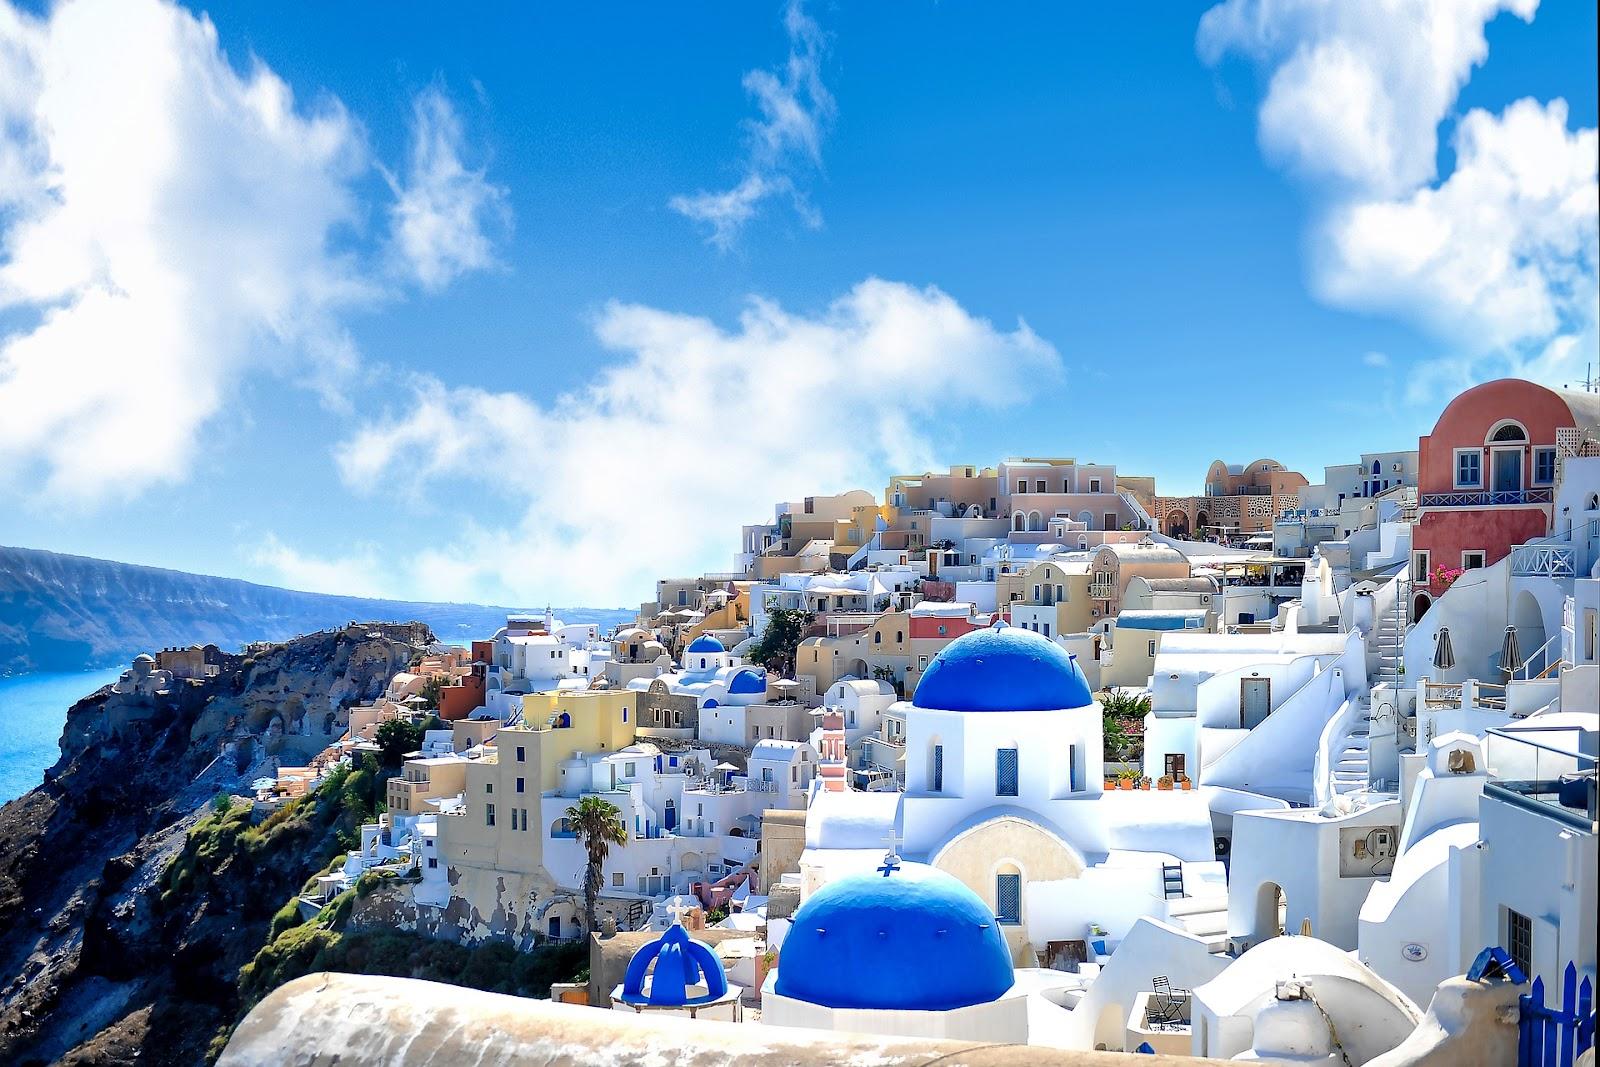 Туры в Грецию официально открыты для туристов из Украины с 14 мая